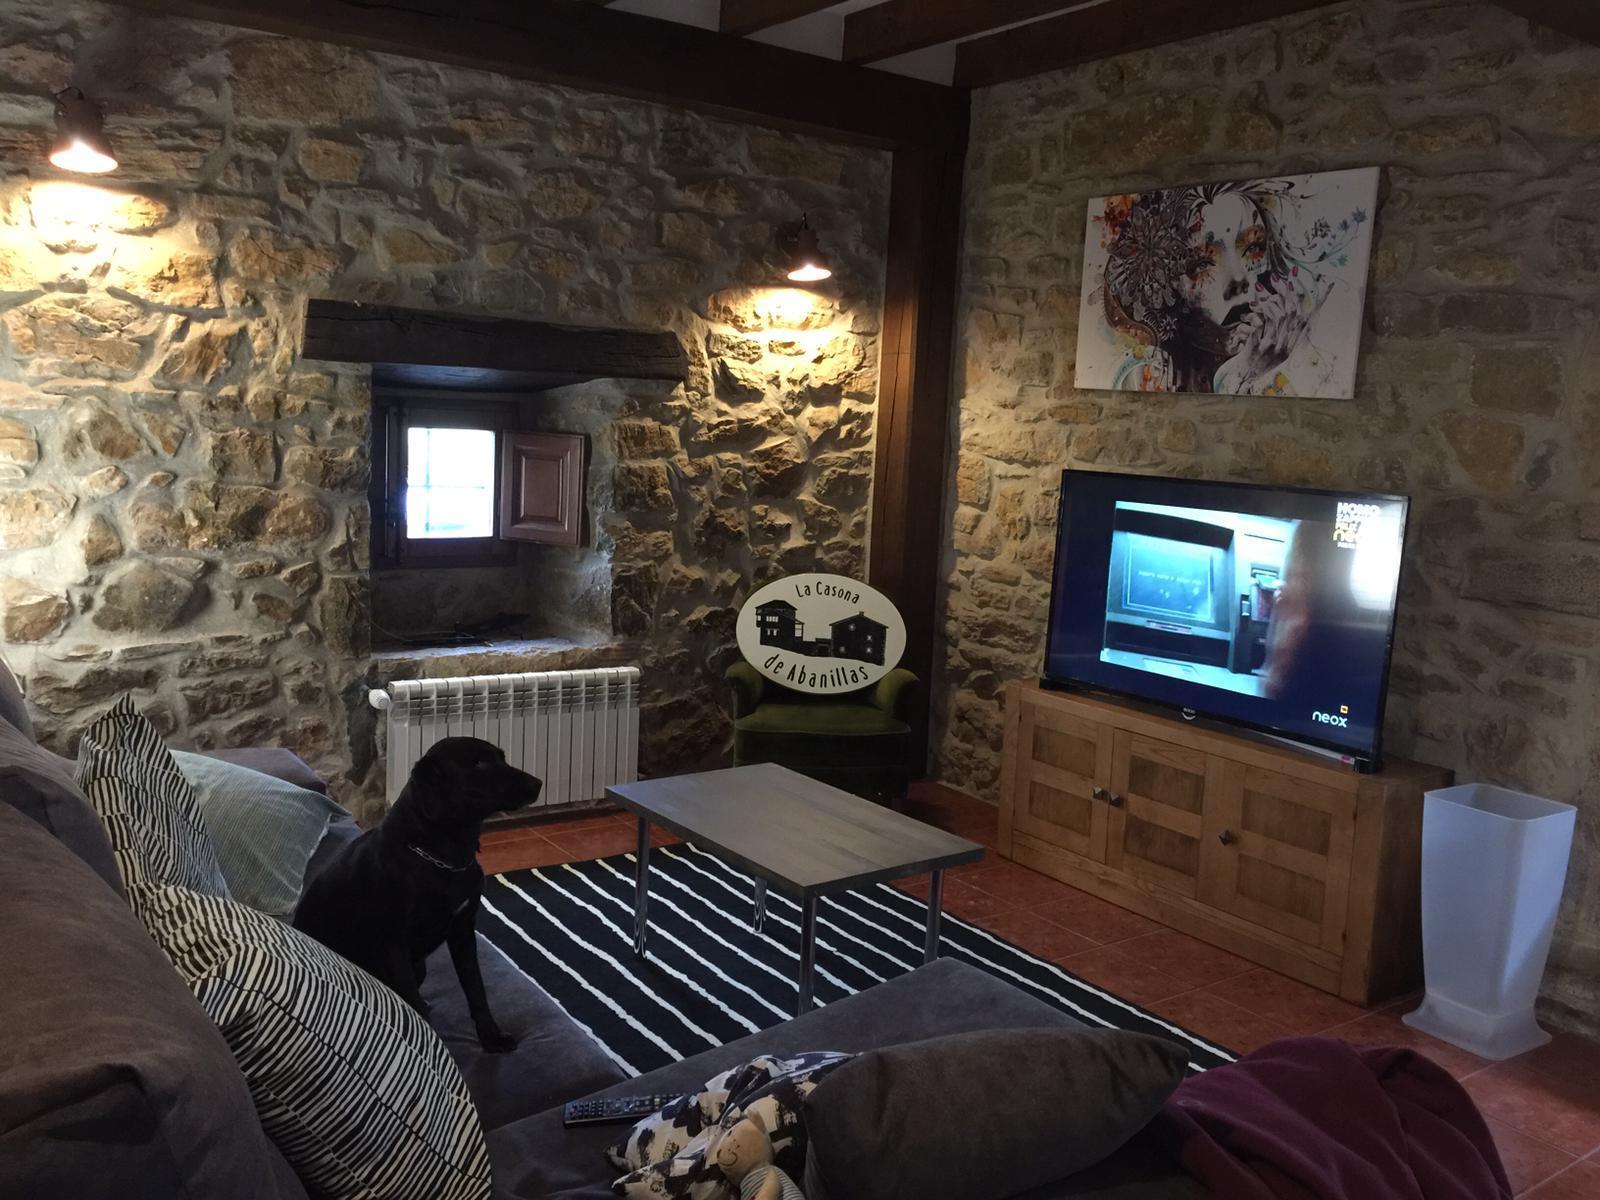 hotel rural-abanillas-cantabria-san vicente-comillas-llanes-asturias-mascotas-desayuno-casa rural (7)